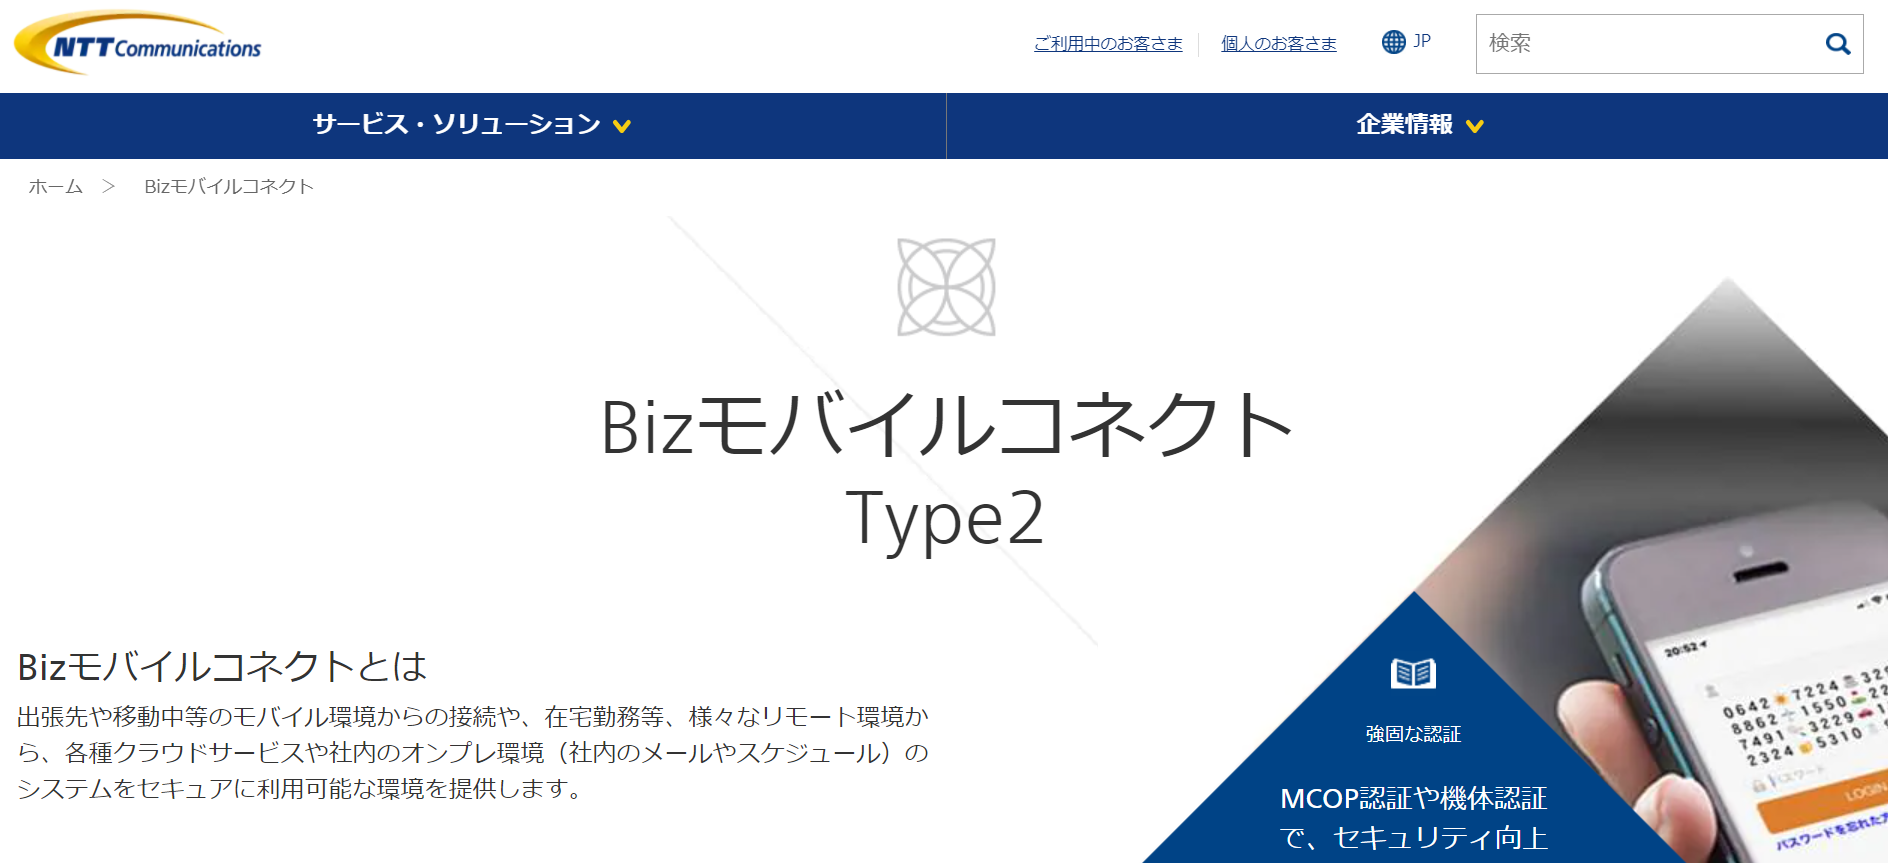 Bizモバイルコネクト Type2 公式Webサイト